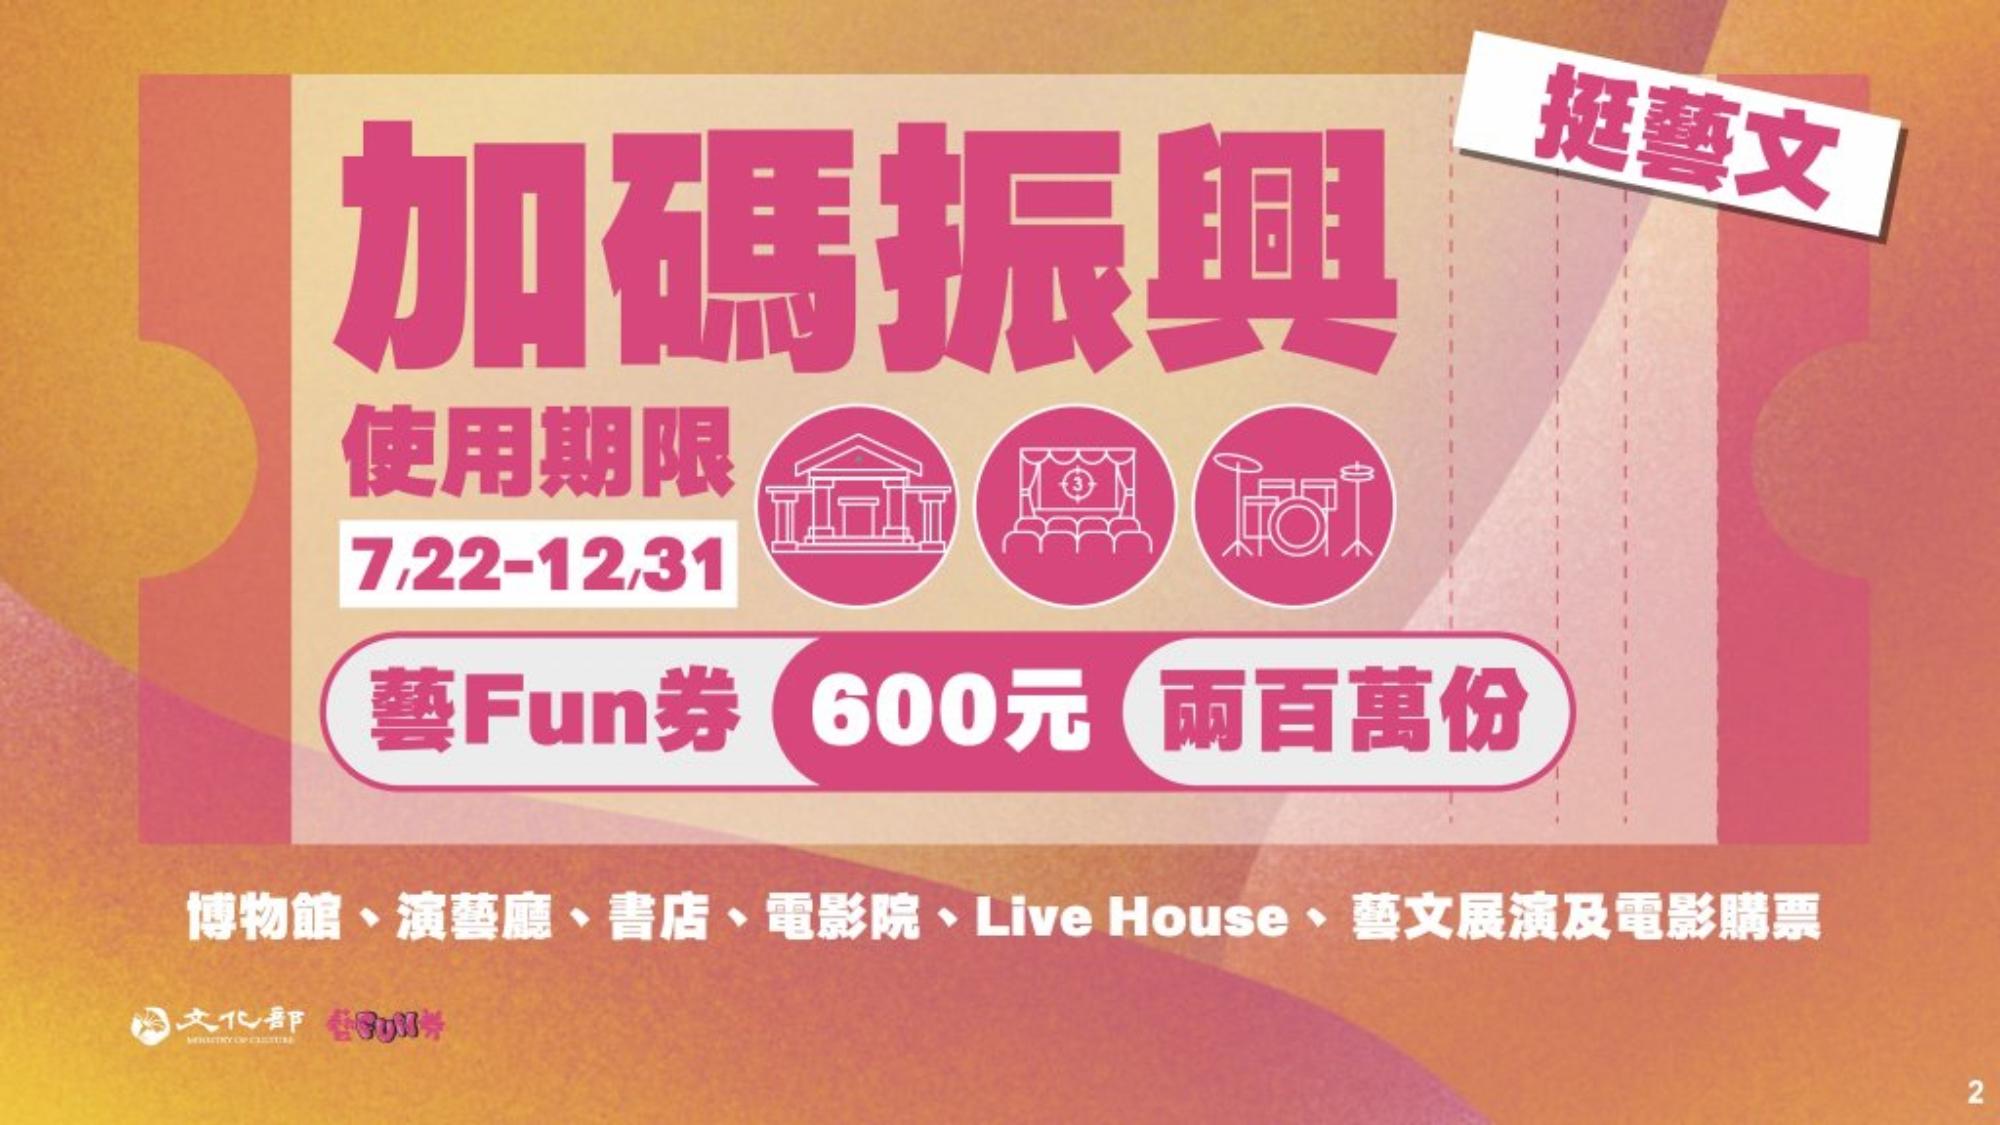 文化部將7月22日發行600元的「藝FUN券」,限量200萬份,無論是看電影、看展覽還是買書都可使用。(圖/取自文化部官網)